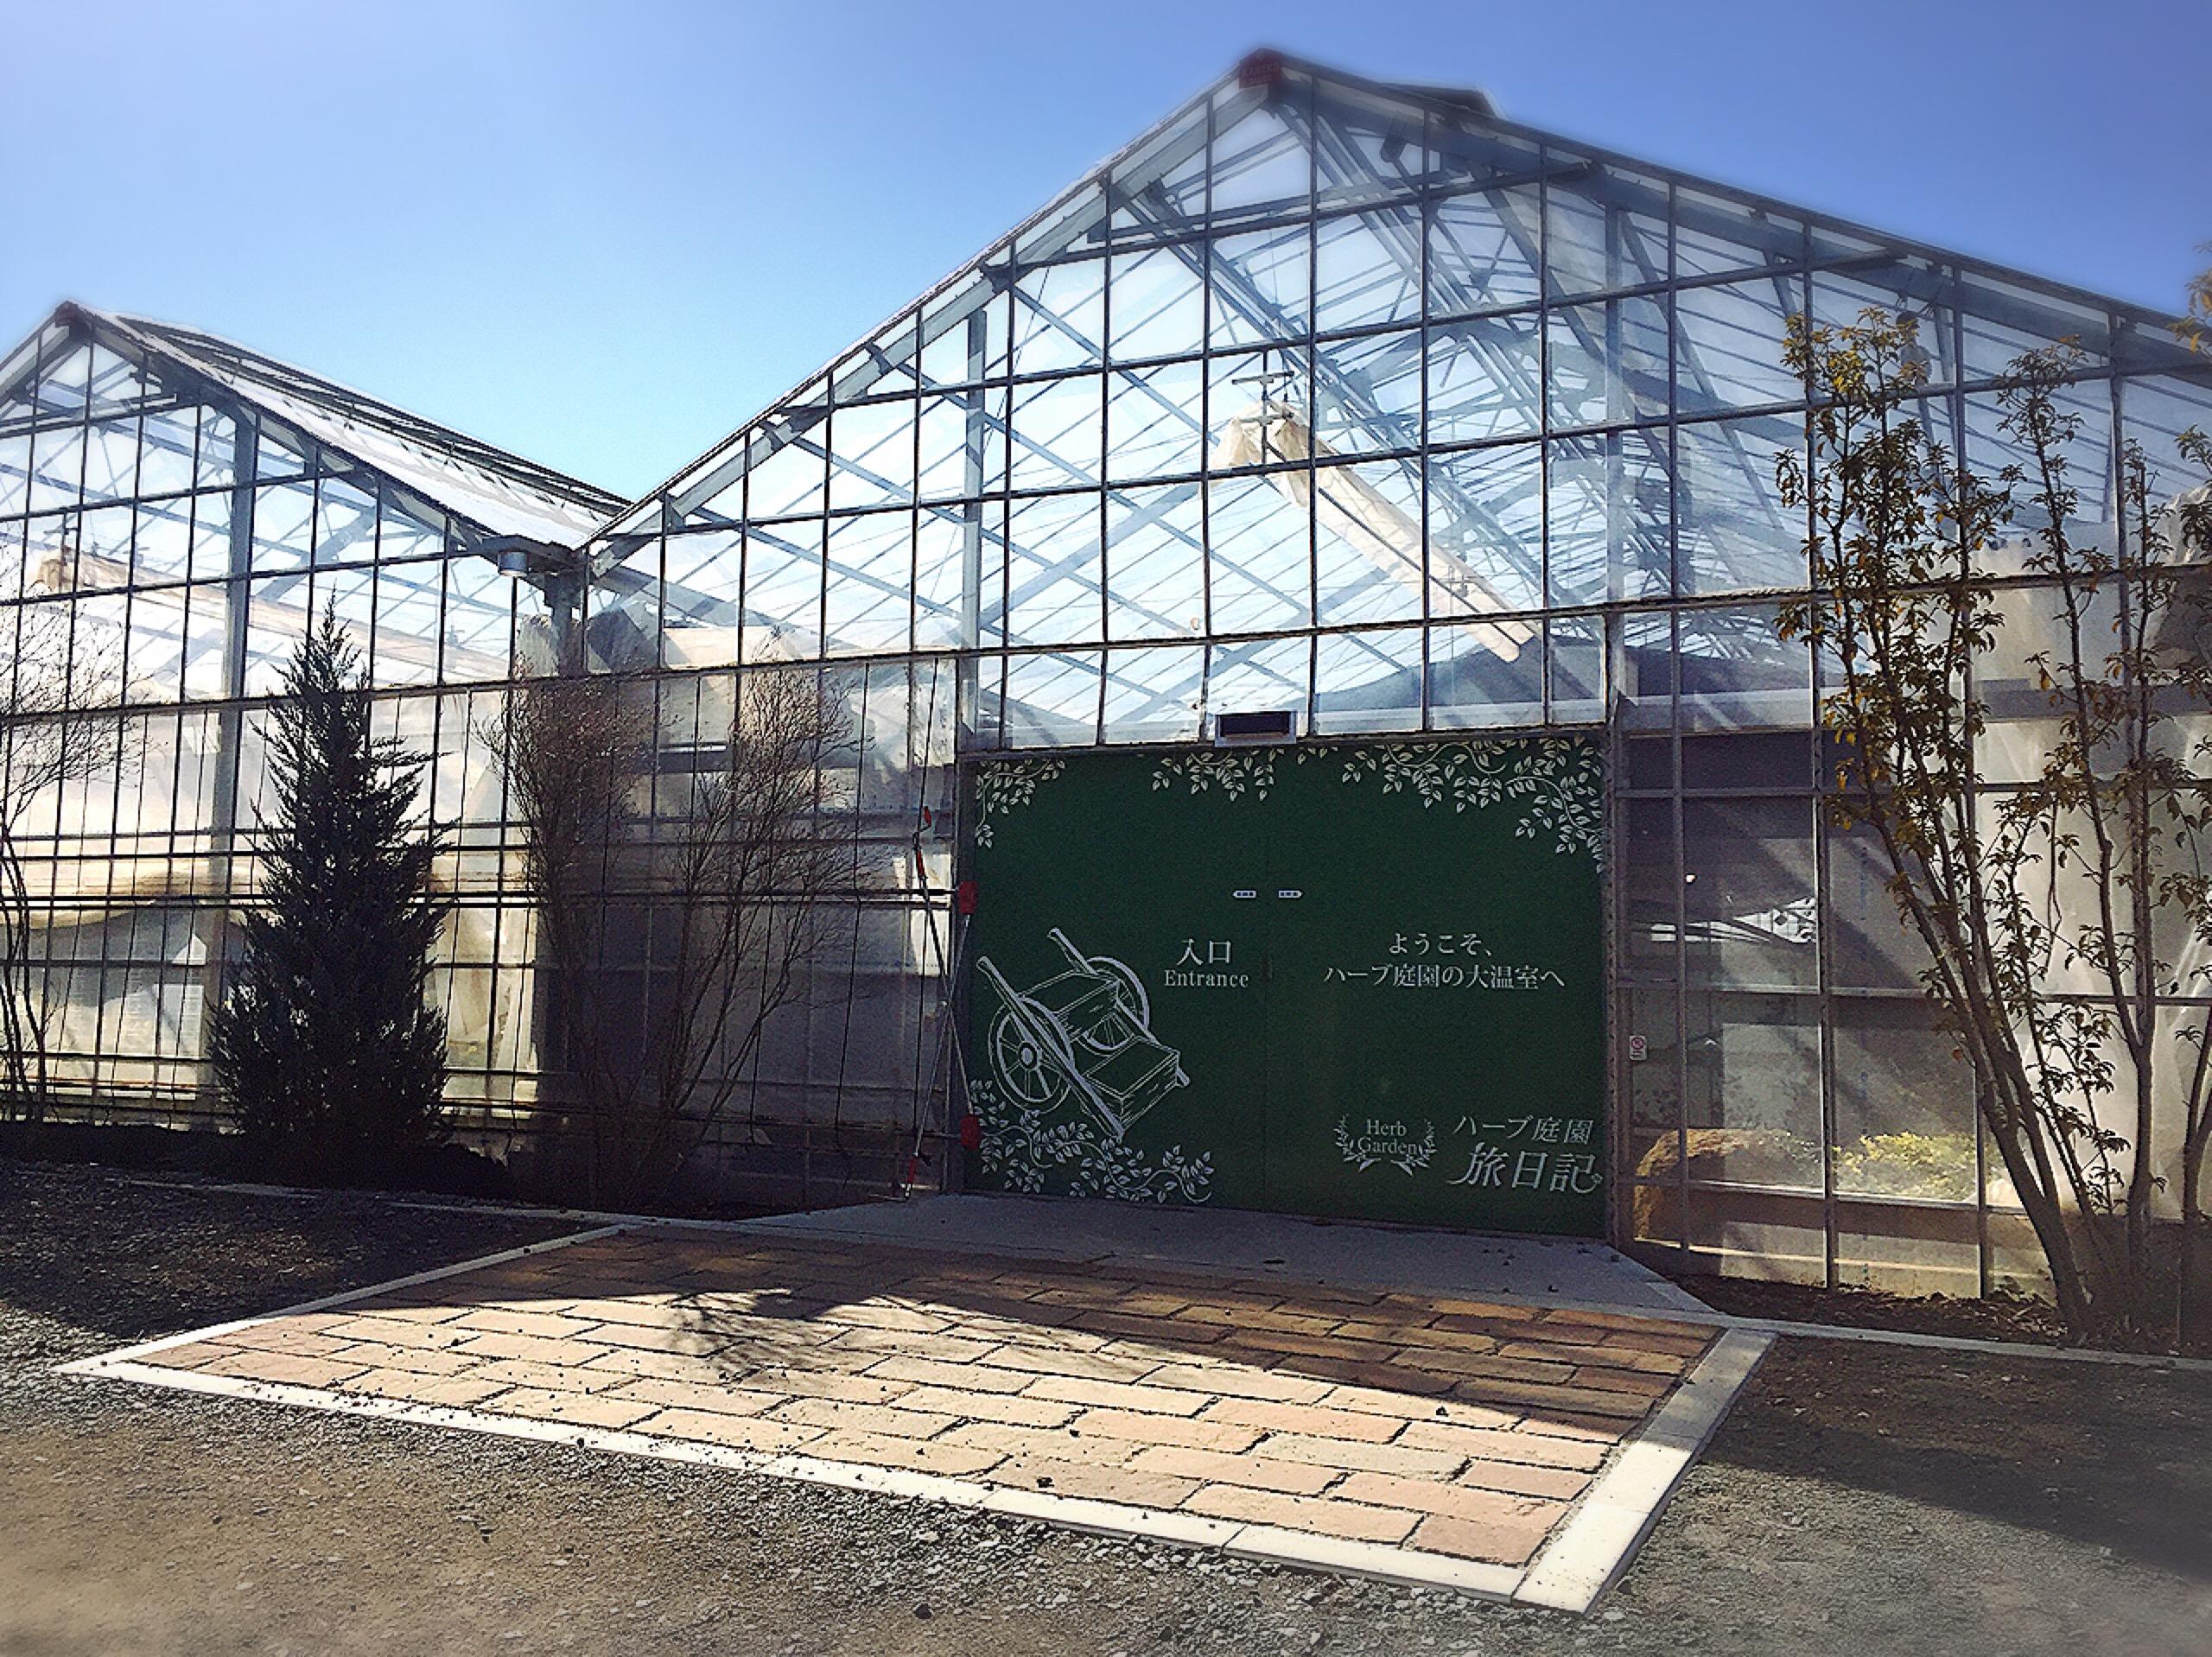 ハーブ庭園旅日記(大温室とお雛様)